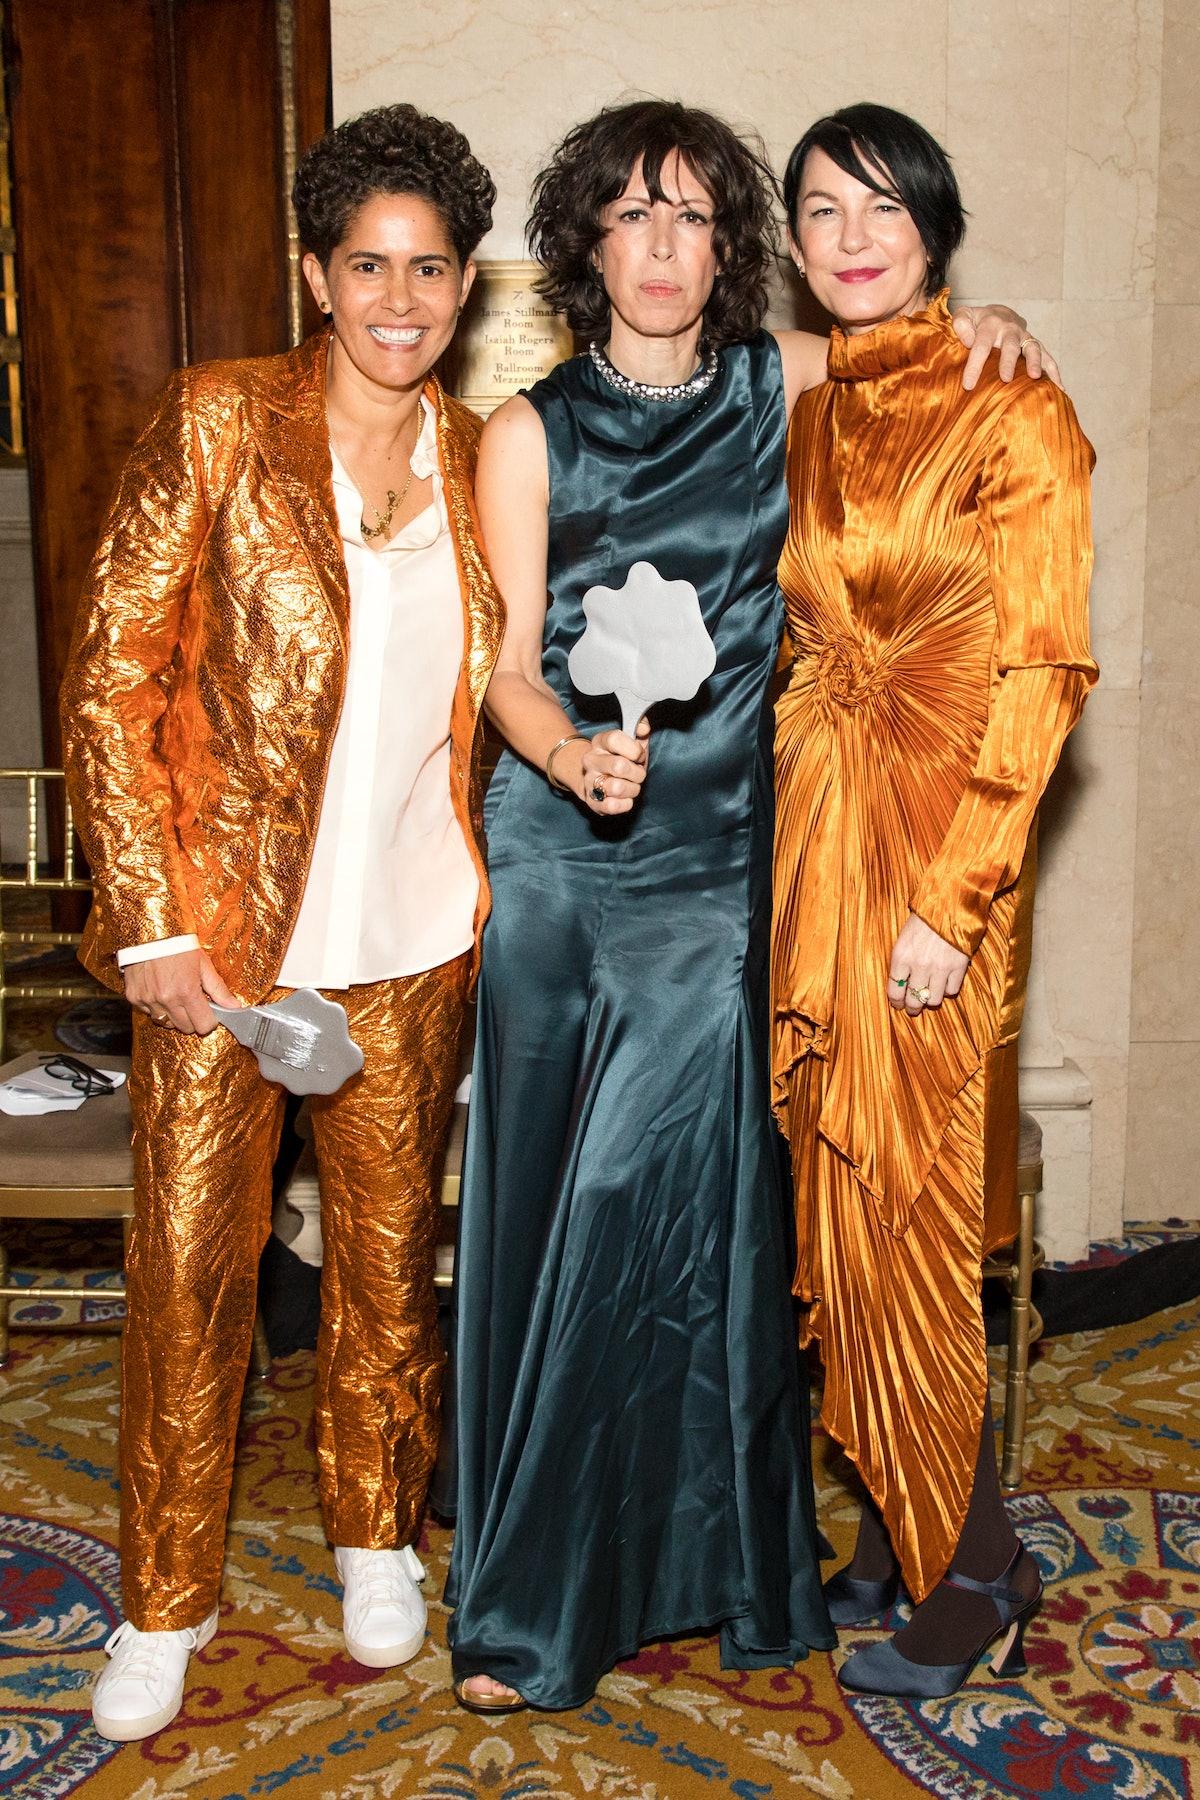 New Museum Spring Gala 2018 : Honoring Cecily Brown, Julie Mehretu, and Elizabeth Peyton